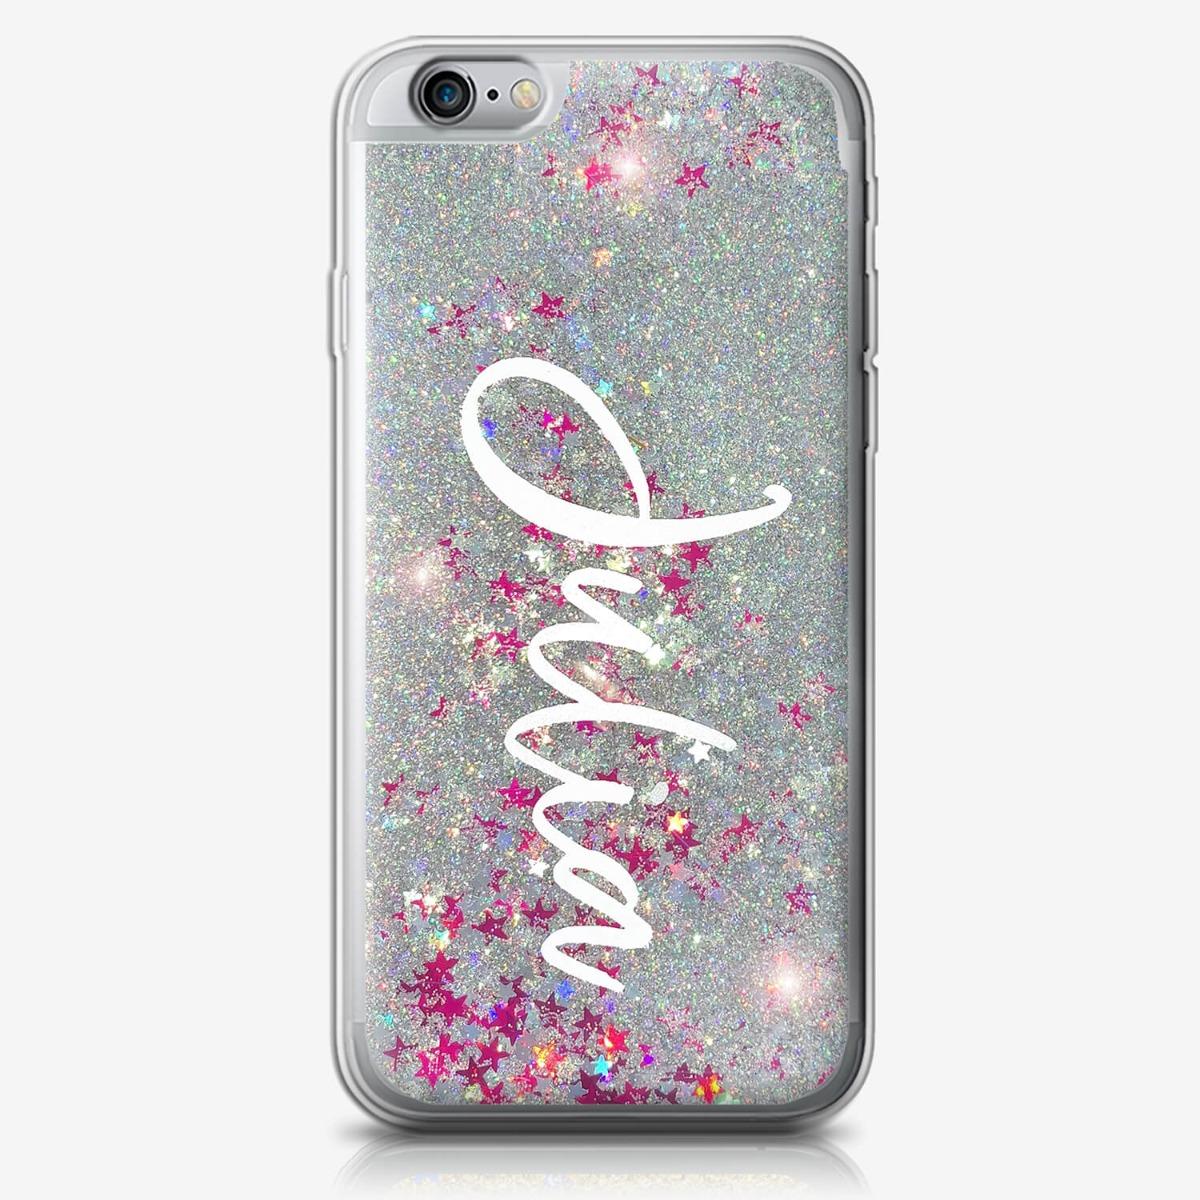 iPhone 6/6S Glitter Case 16266